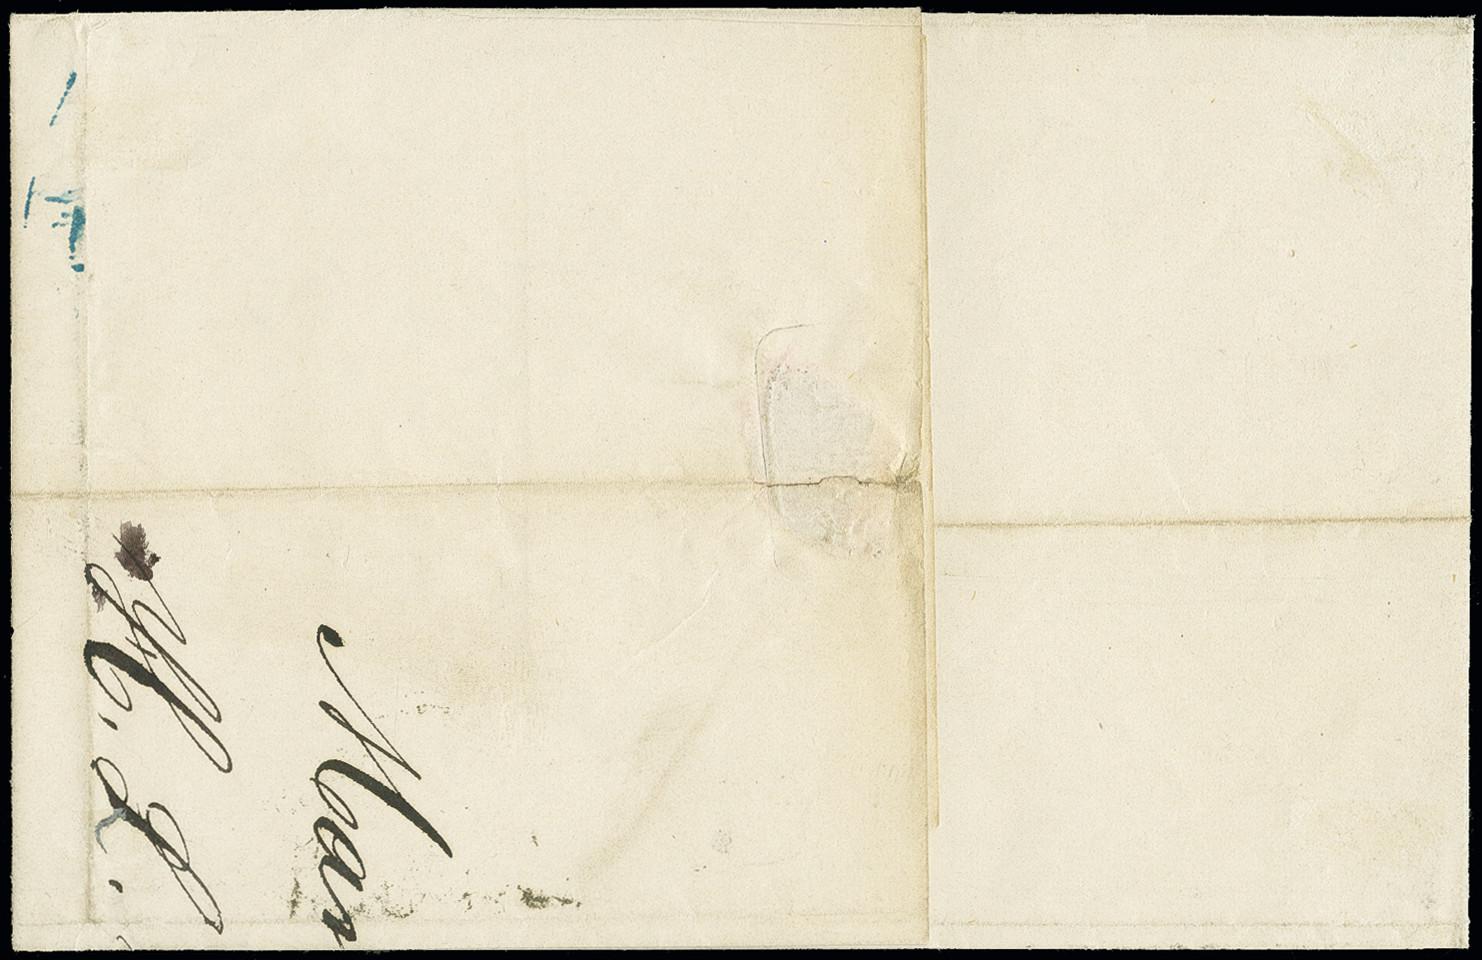 Lot 3000 - Main catalogue German Empire -  Heinrich Koehler Auktionen Auction #368- Day 5